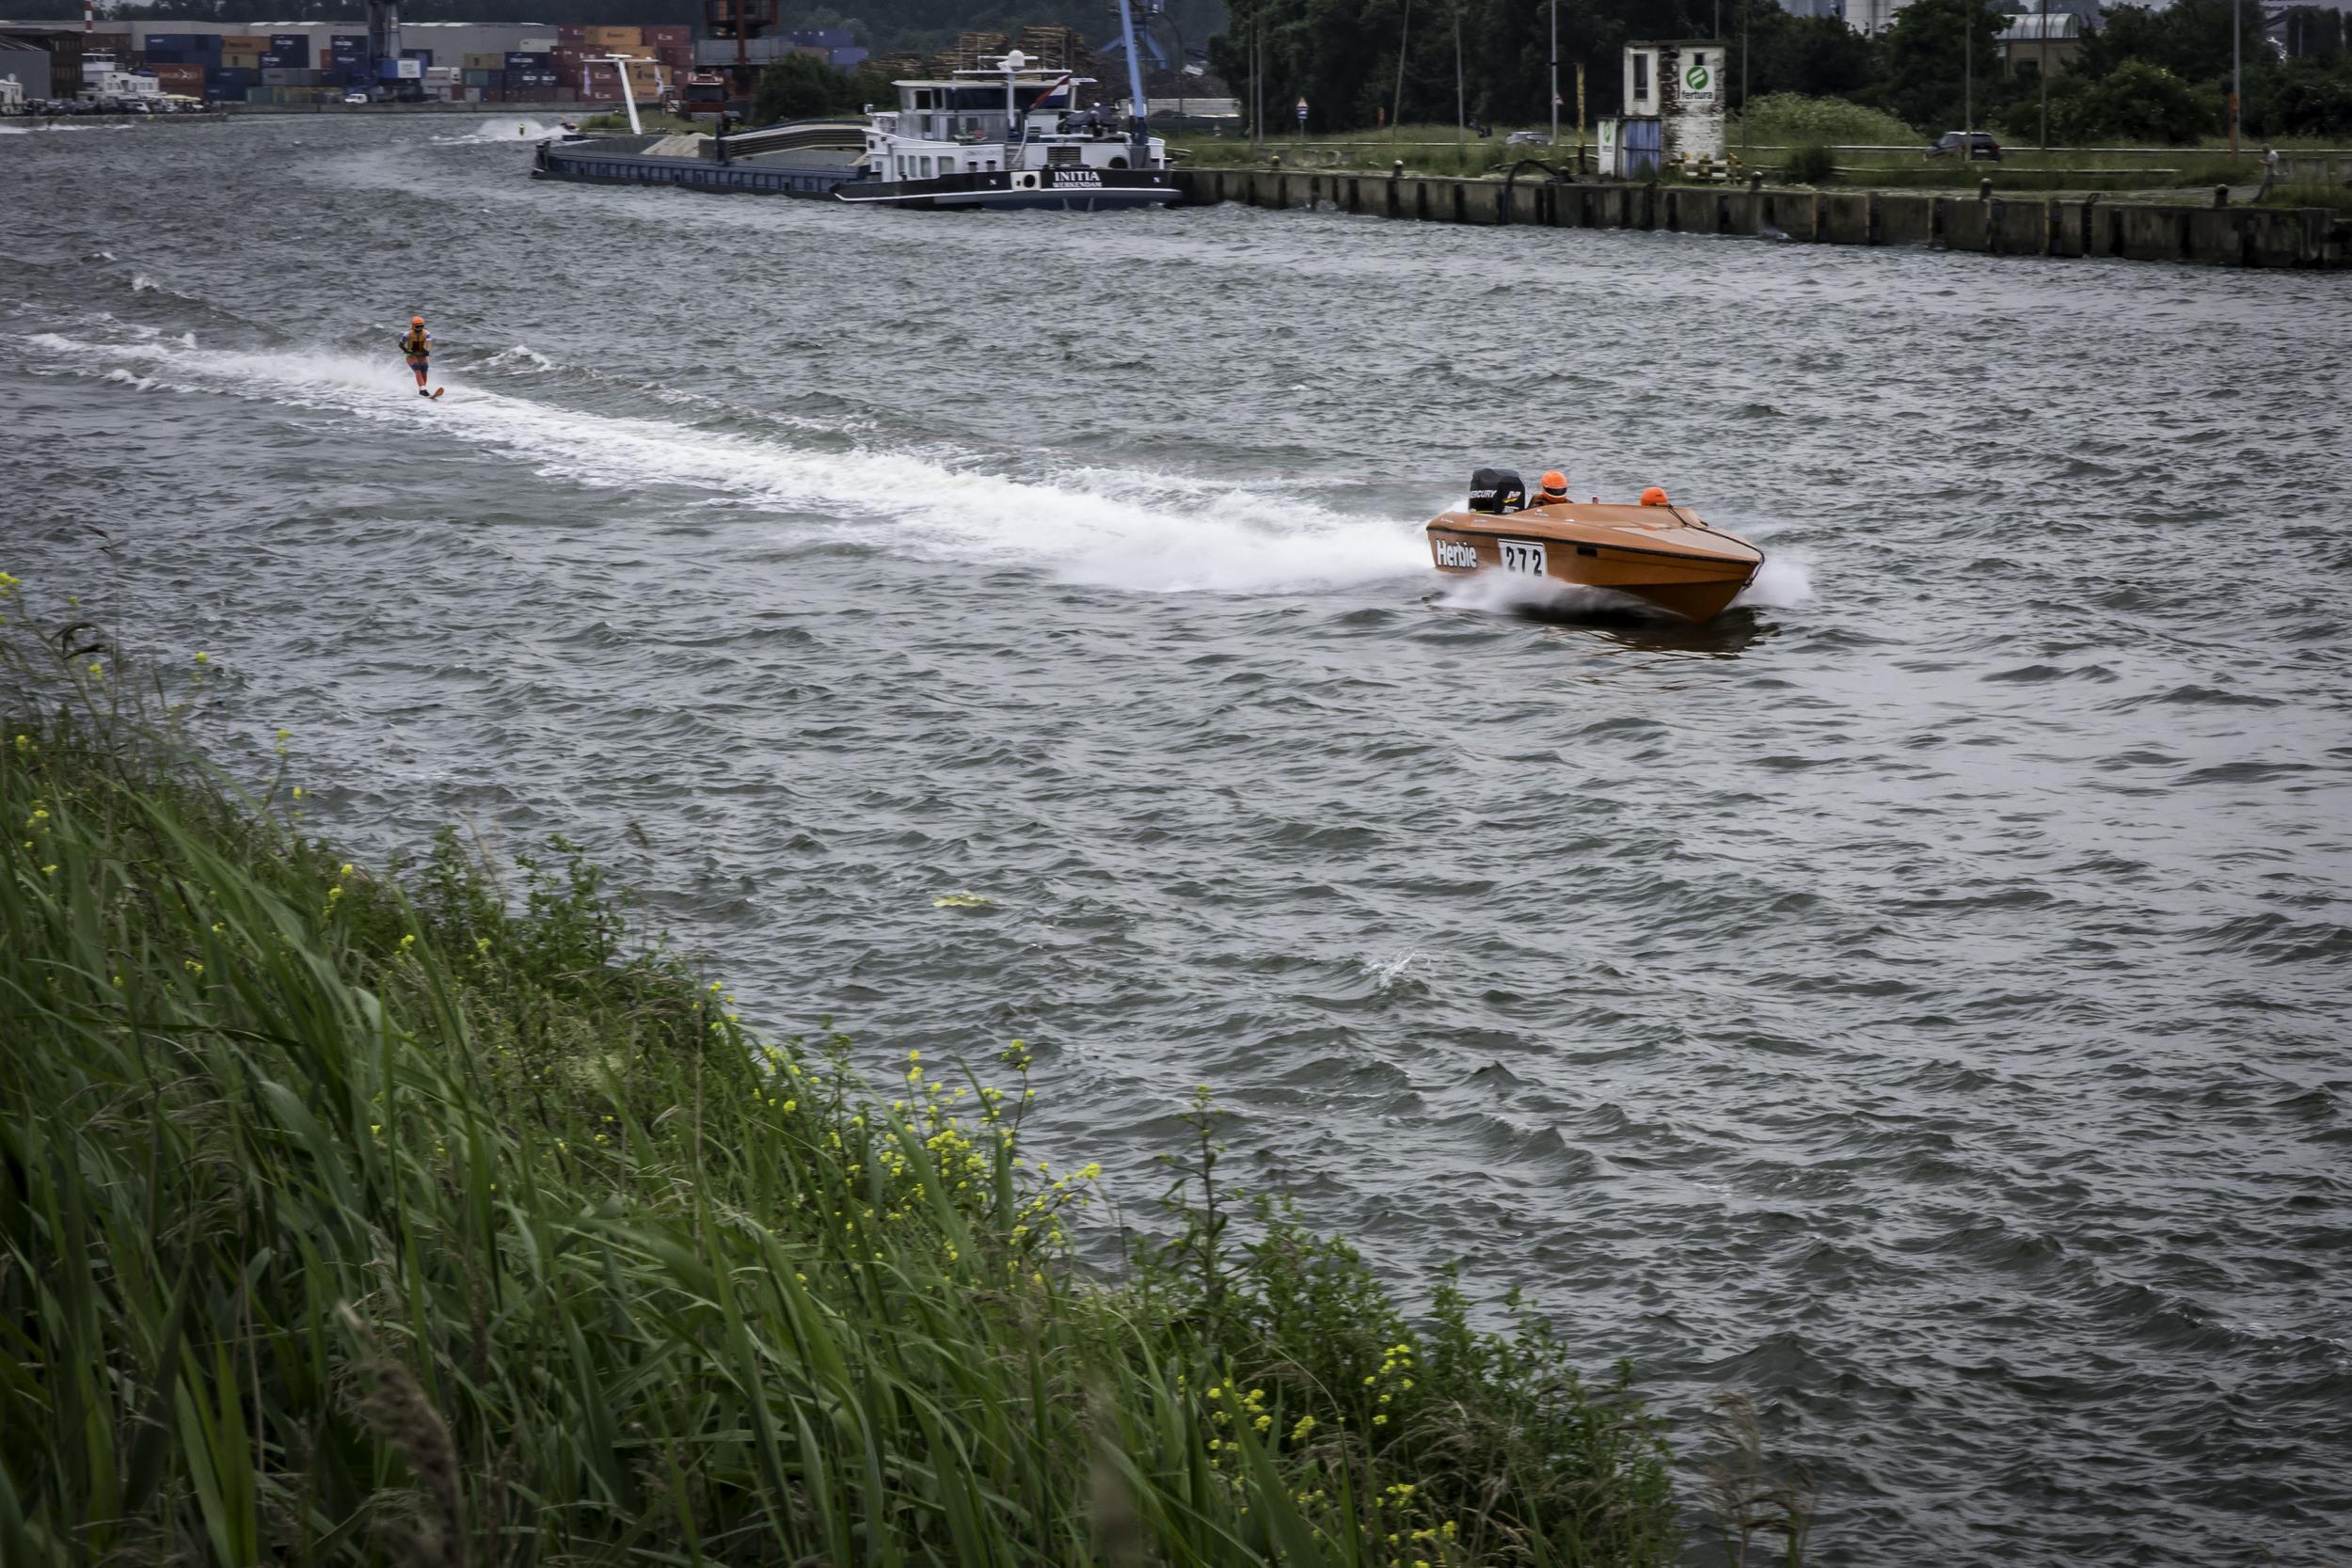 Waterskiërs komen met een ongelooflijke snelheid voorbij gezoefd in het kanaal te Klein-Willebroek.